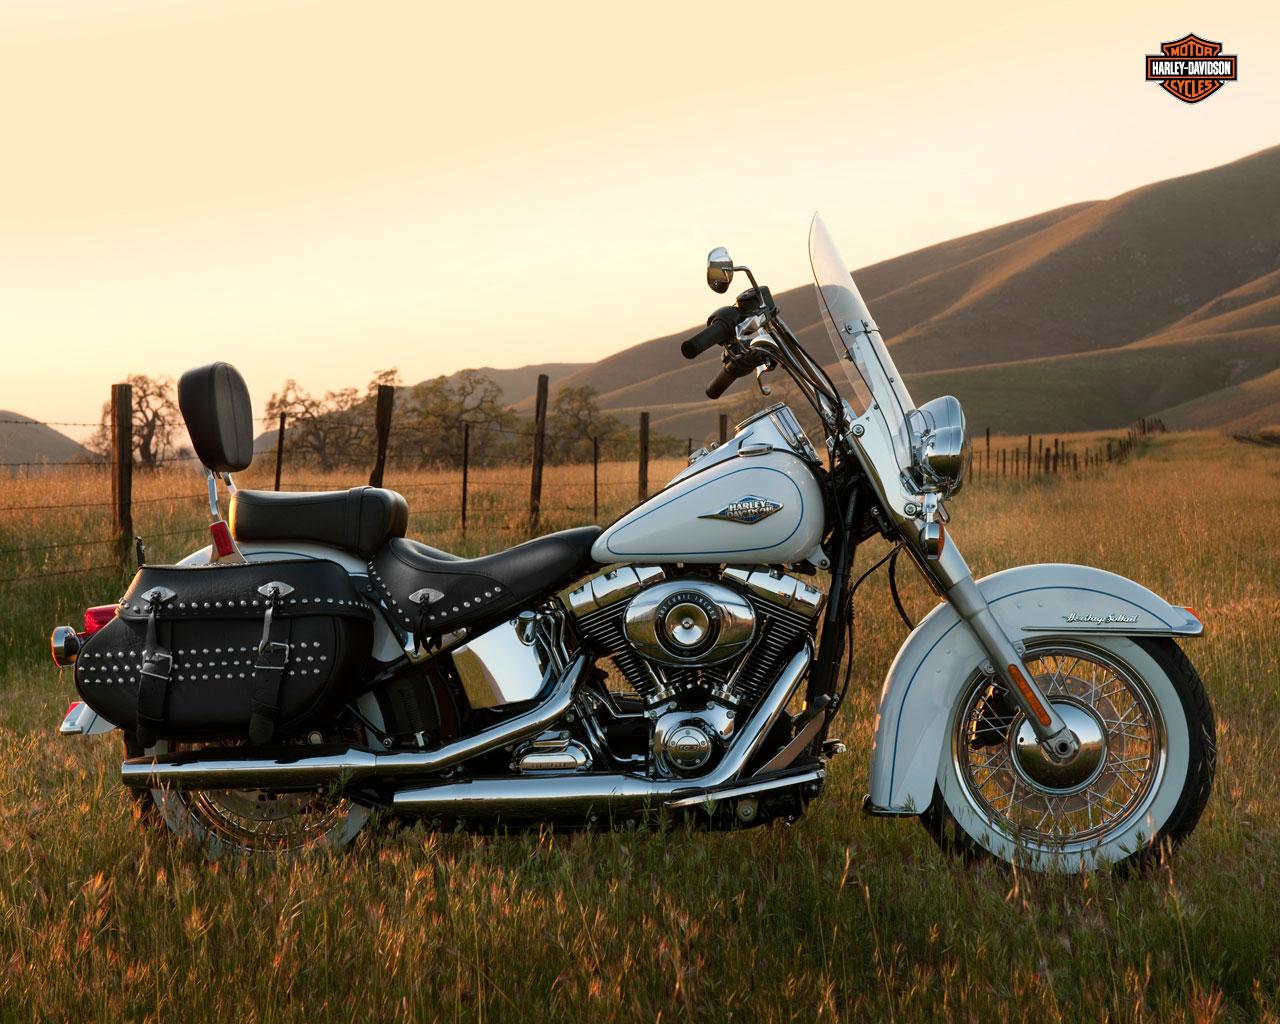 Harley Davidson 2012: Harley Davidson Bikes: 2012 Harley Davidson FLSTC Heritage